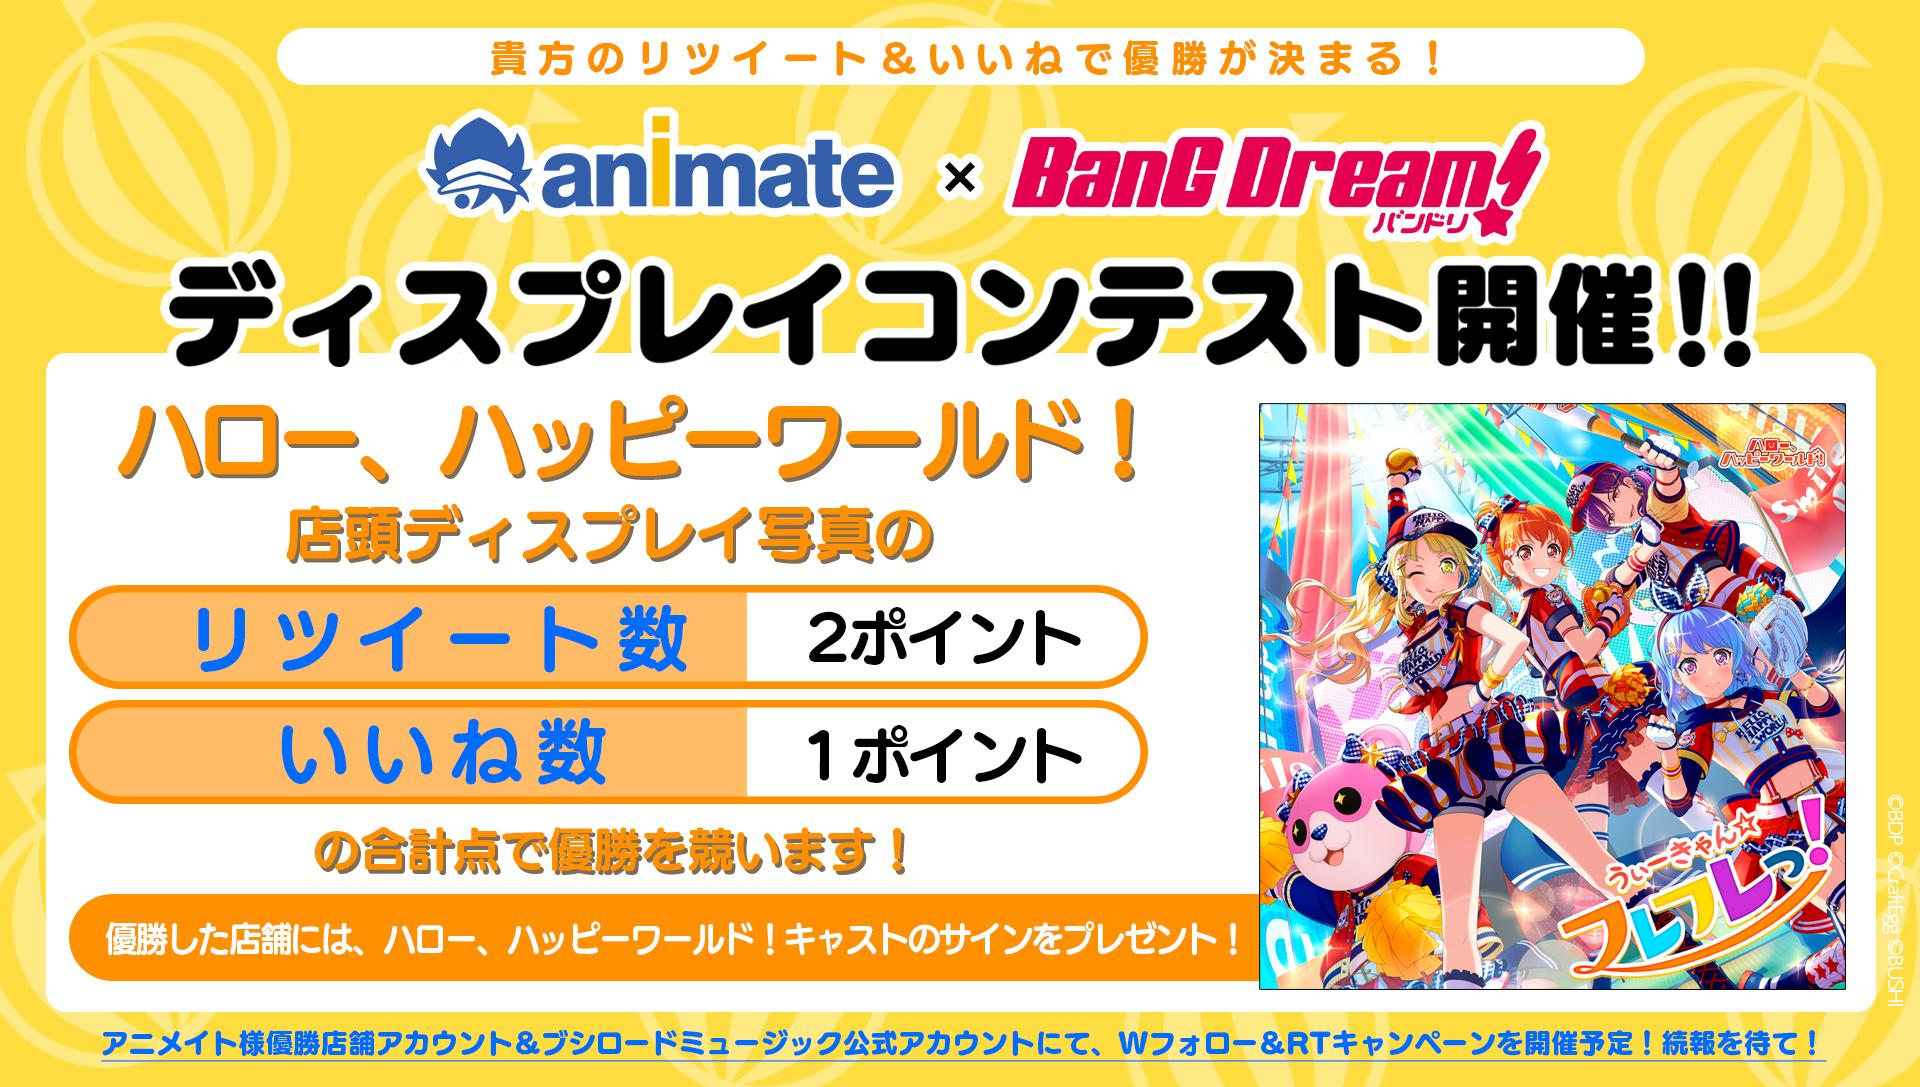 ハロー、ハッピーワールド! 7th Single「うぃーきゃん☆フレフレっ!」発売記念 アニメイト×BanG Dream!ディスプレイコンテスト開催!